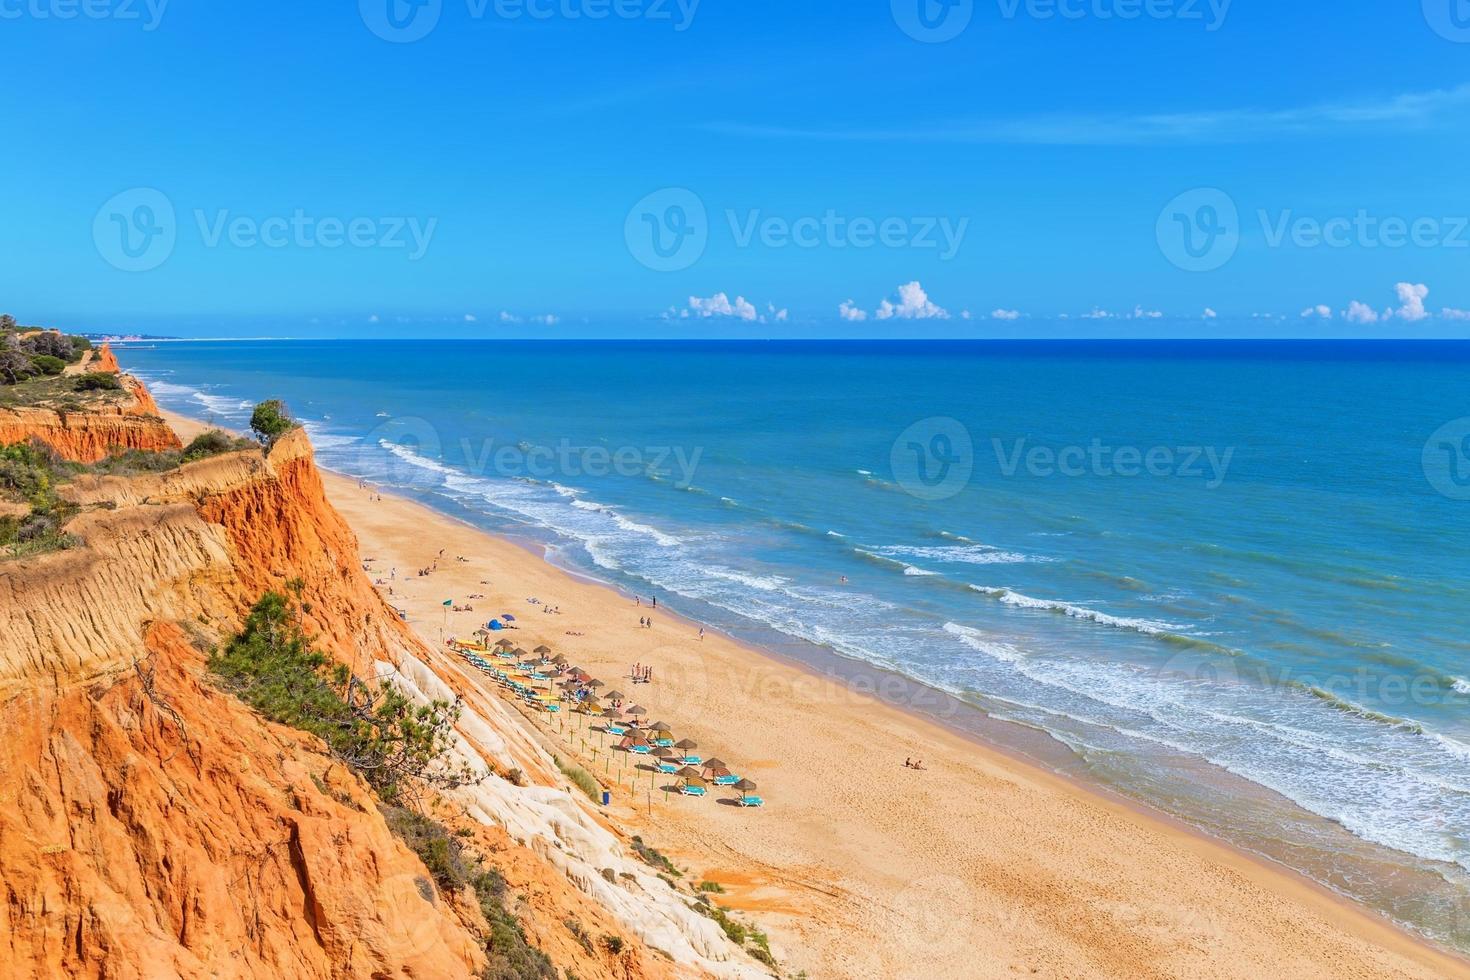 zonnig strand zomer zee Albufeira in Portugal. voor vakantieplezier. foto